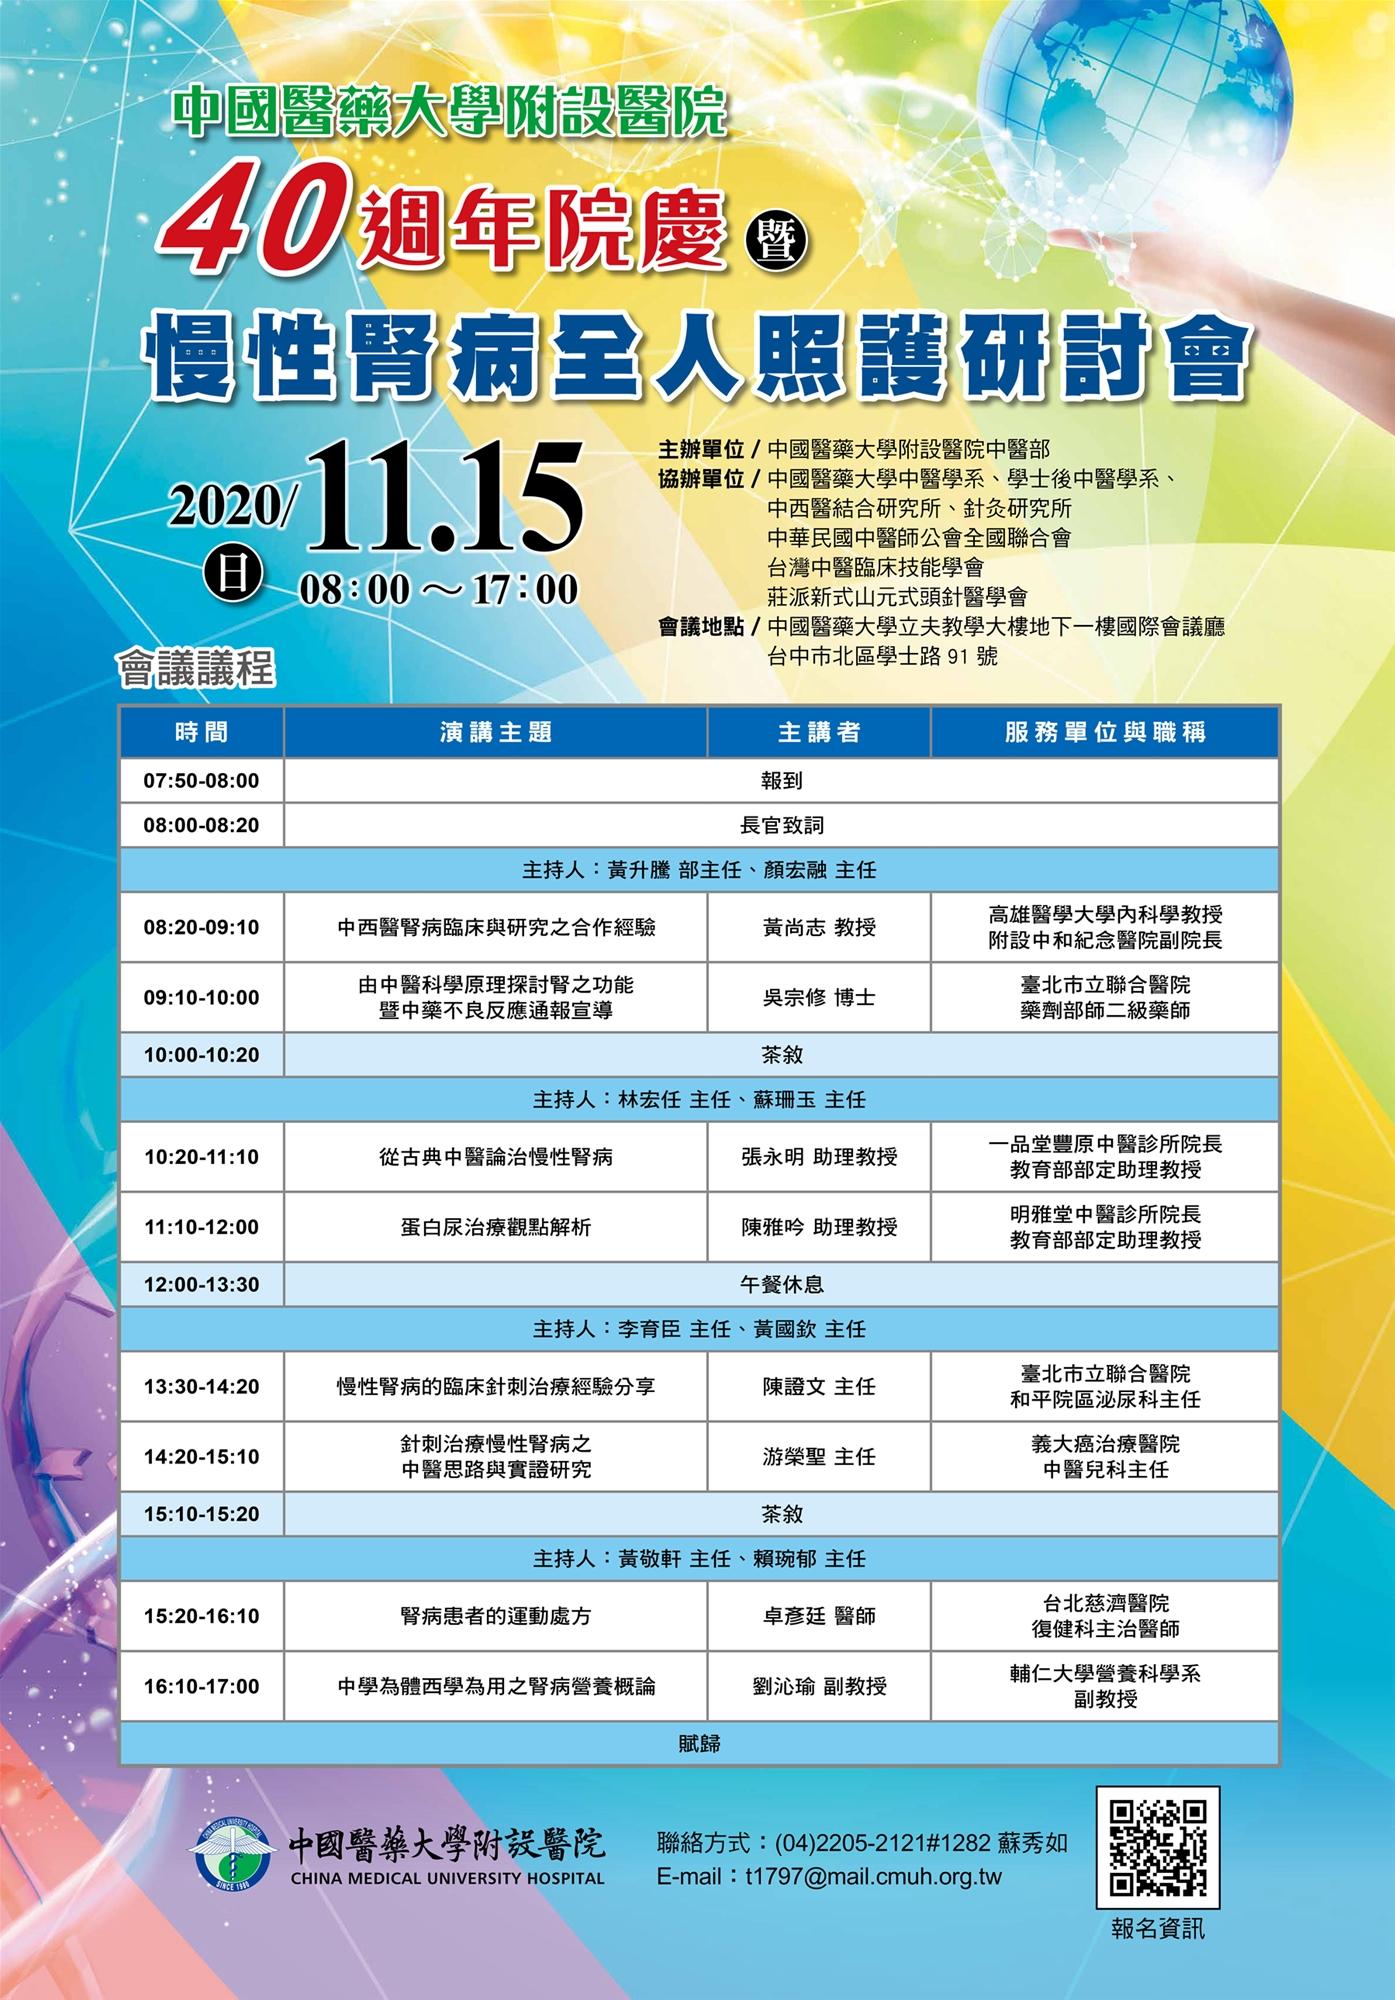 中國醫藥大學附設醫院40週年院慶-慢性腎病全人照護研討會